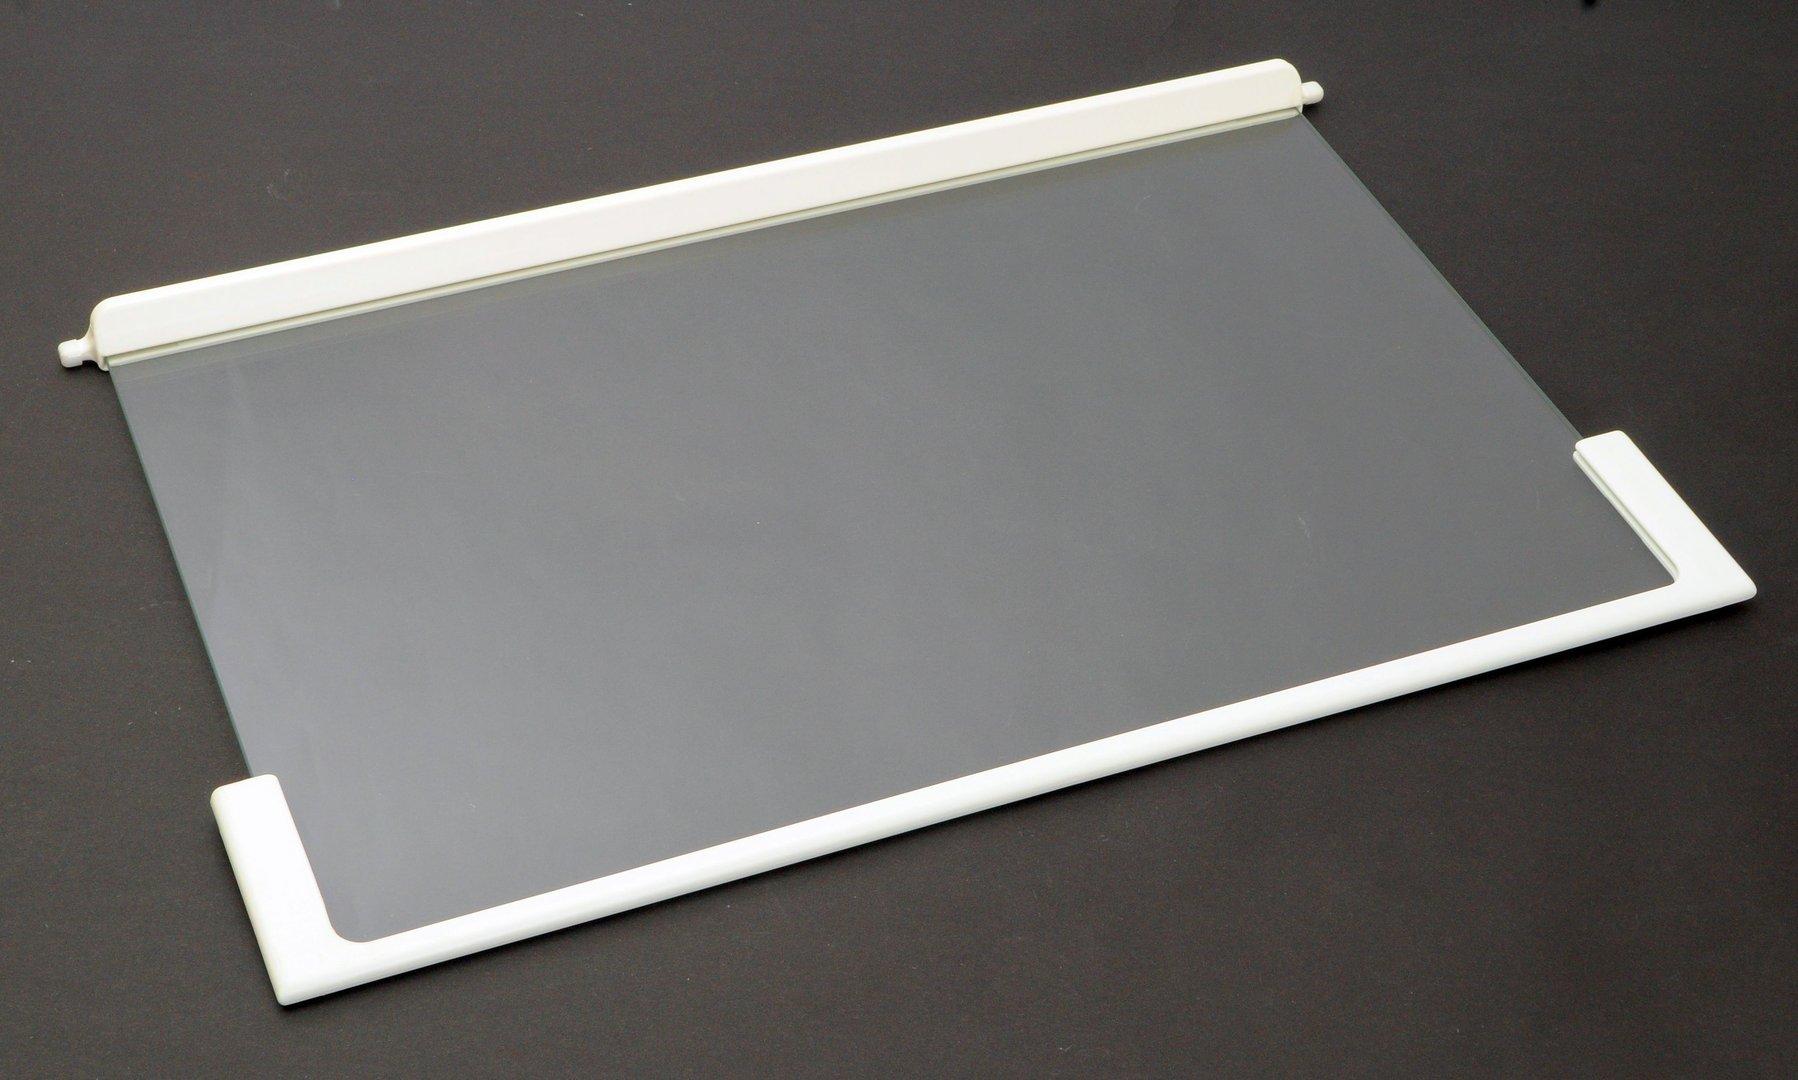 Kühlschrank Zubehör Leiste : Liebherr kühlschrank glasplatte ablage groß mit leisten 9293037